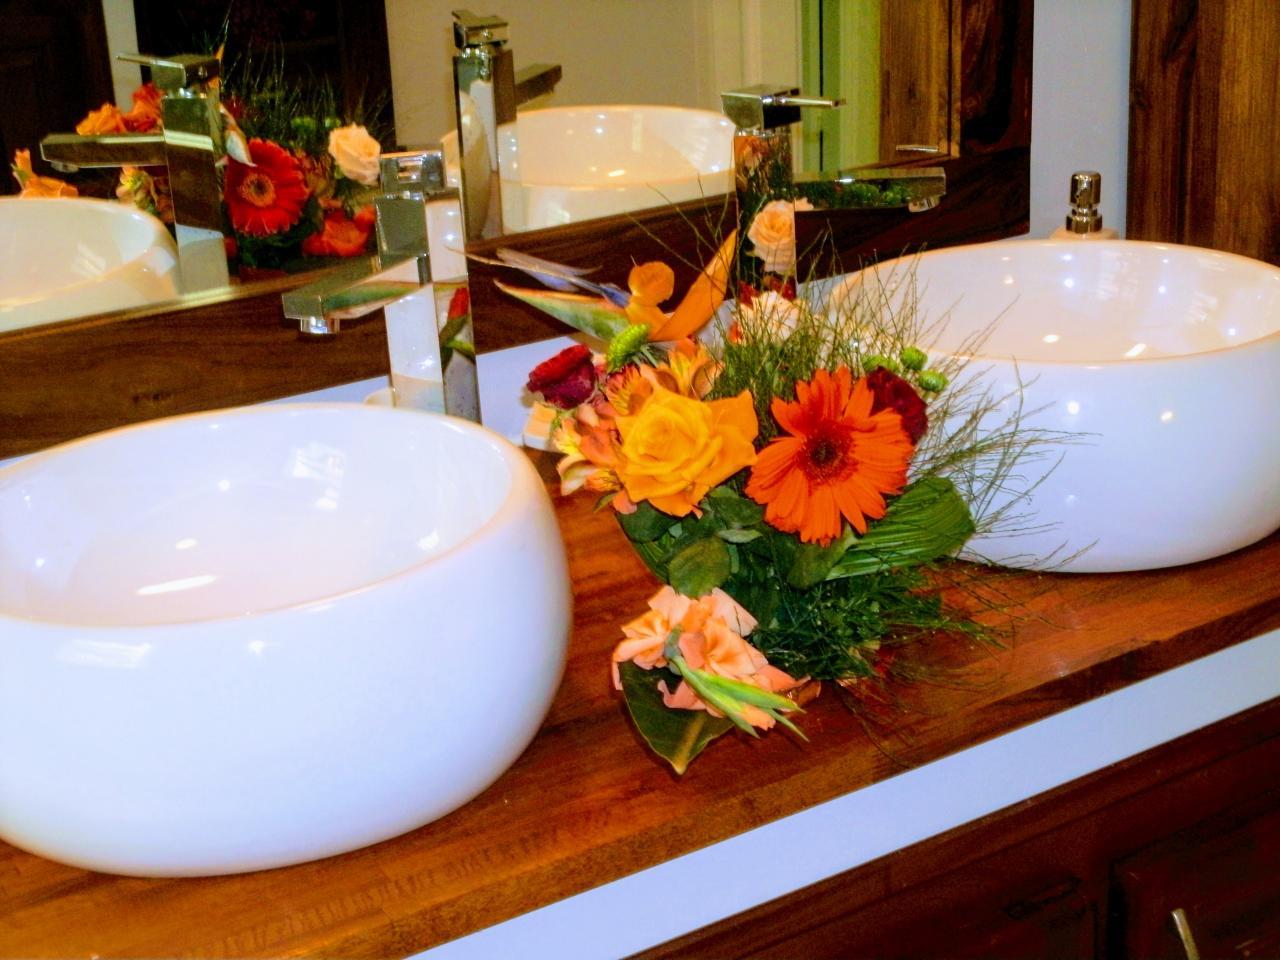 vasques de la salle de bain du rez de chaussé